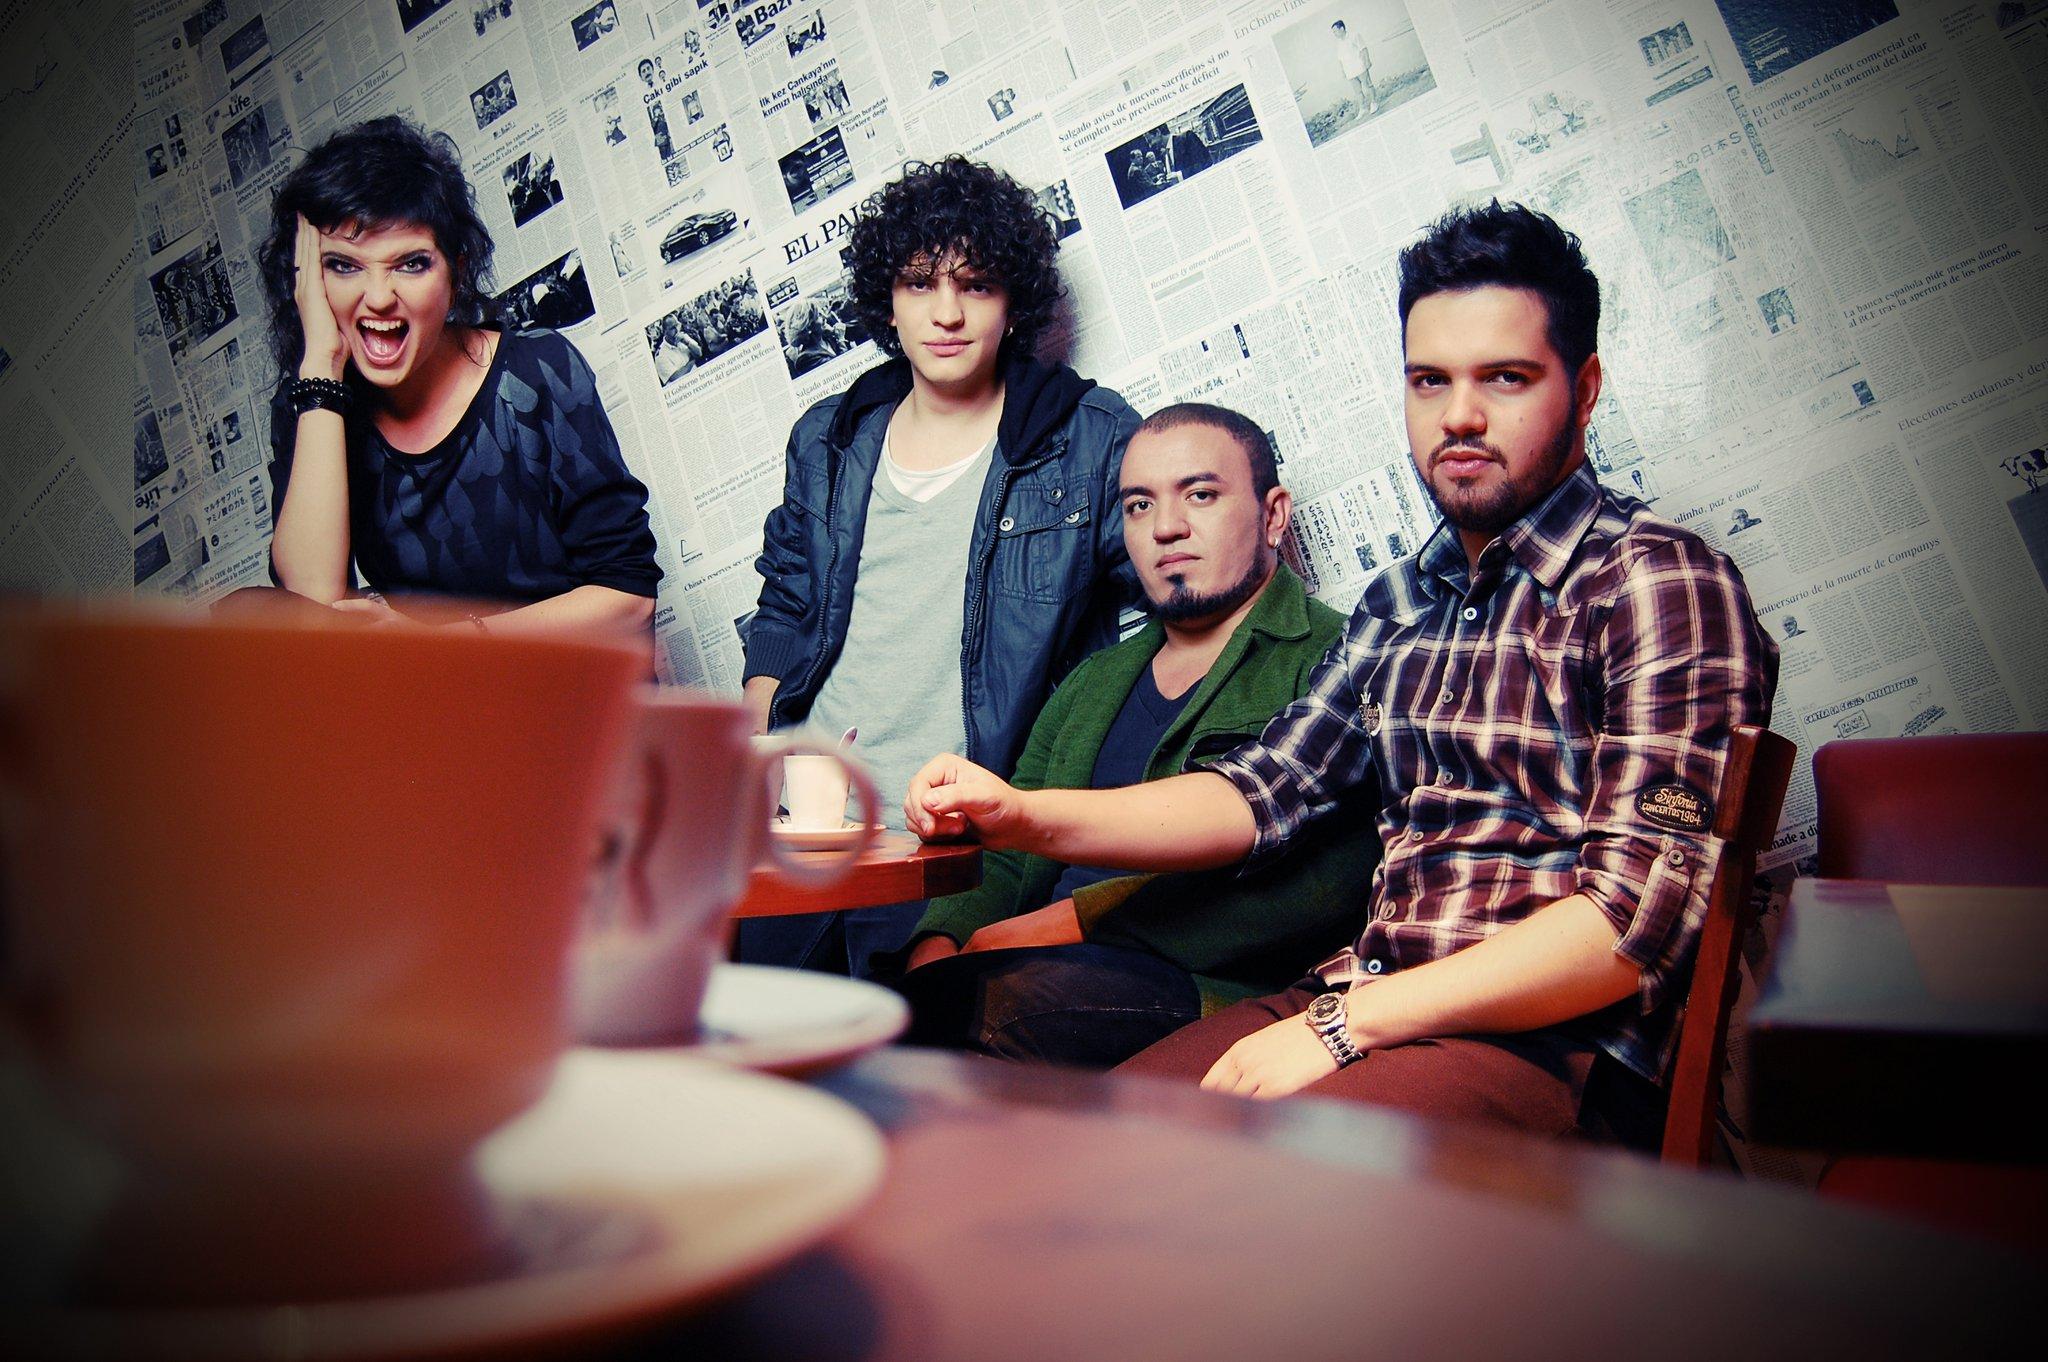 Banda Beatrix mostra em suas canções a realidade dos jovens